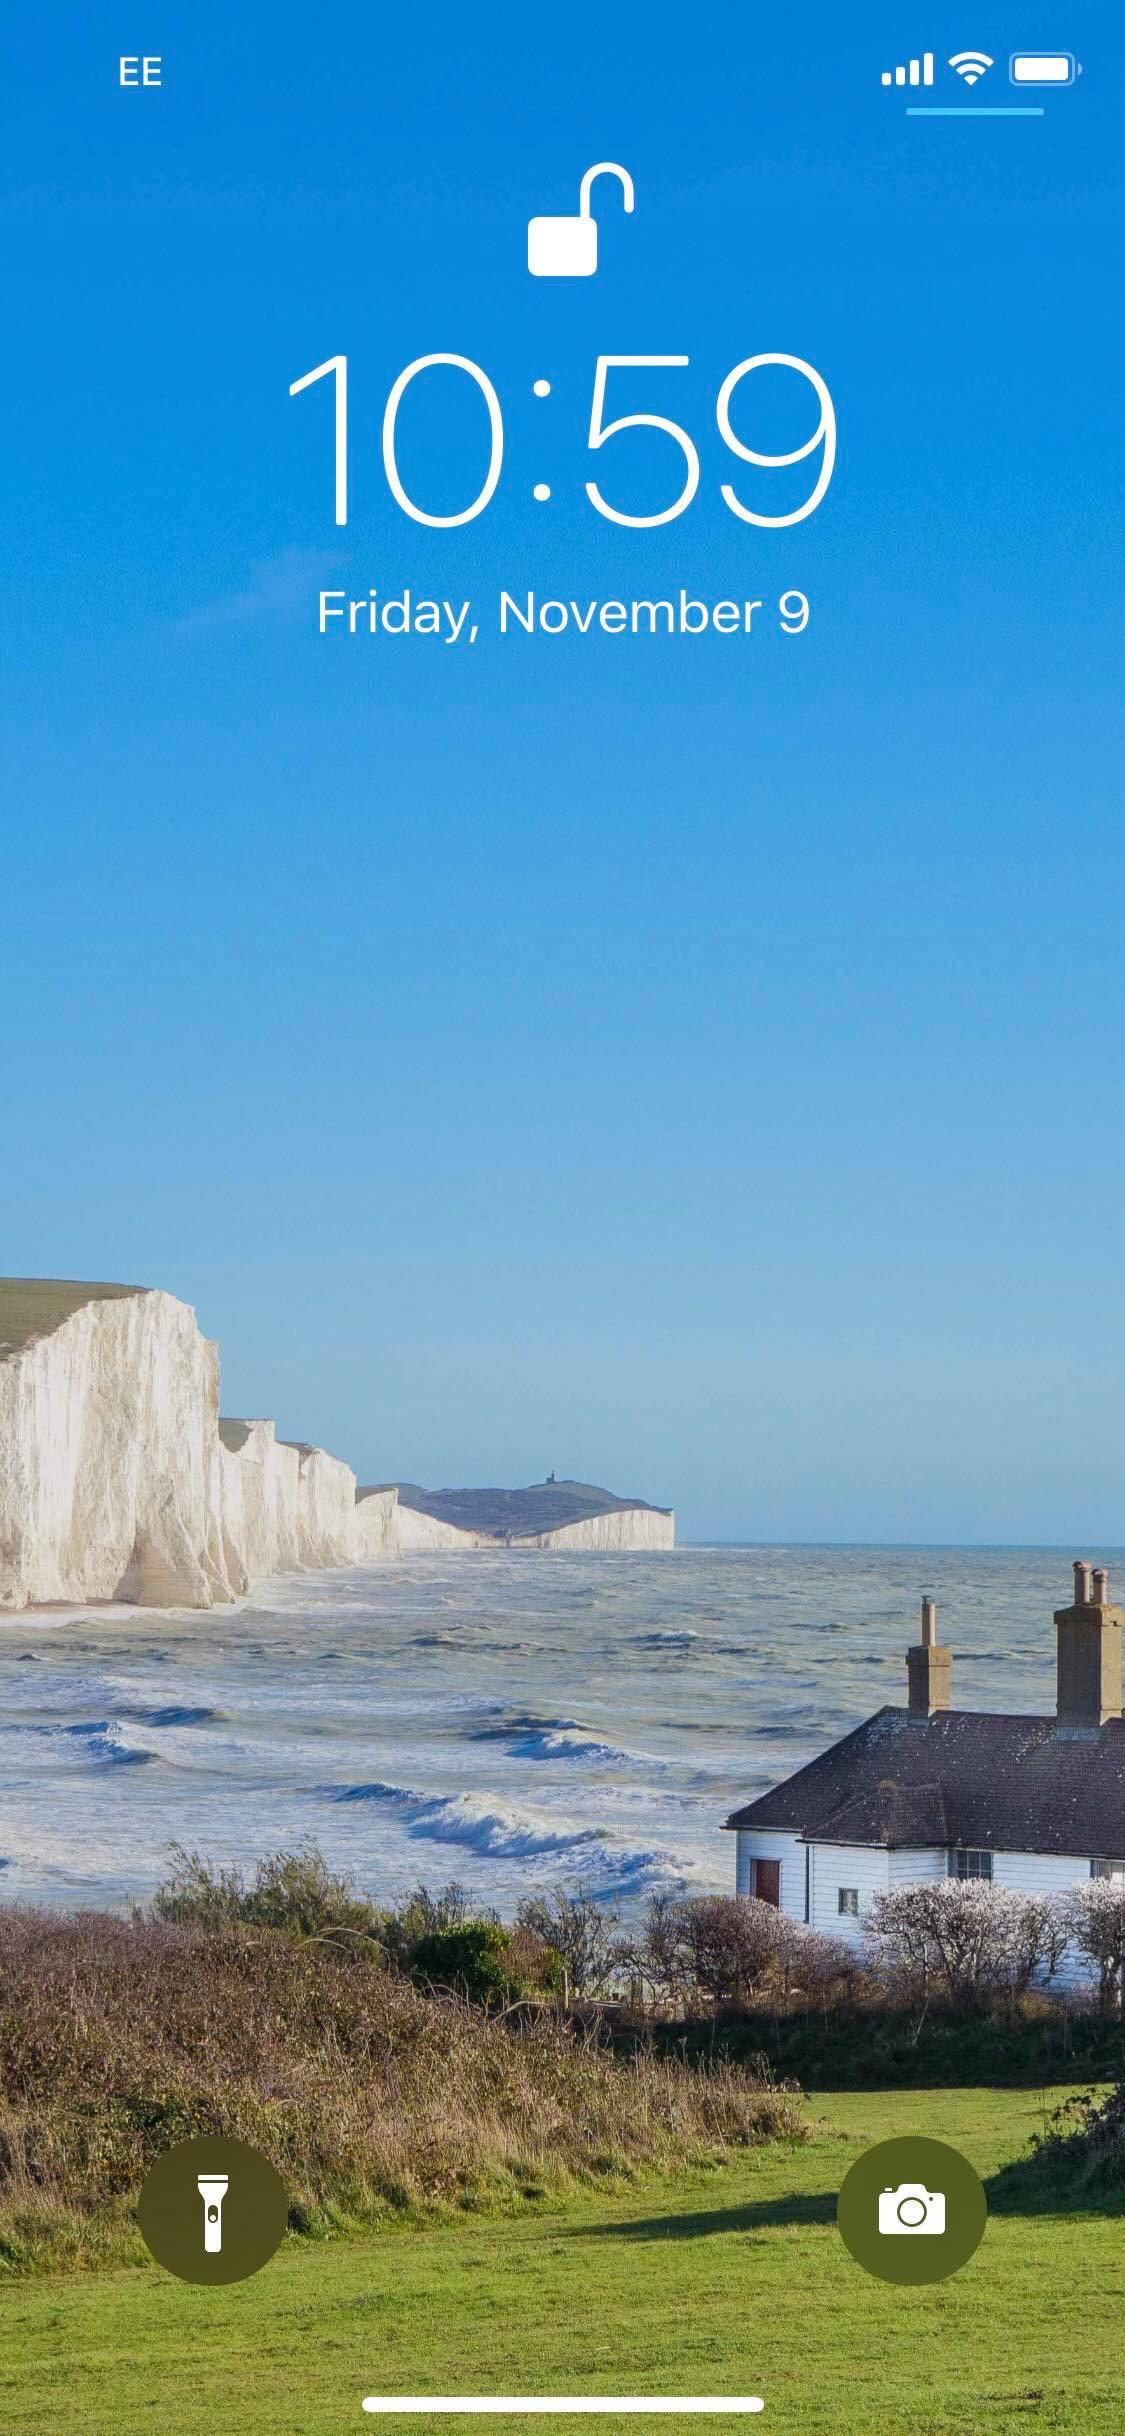 イギリスの絶景 セブンシスターズ スマホ用壁紙を期間限定プレゼント